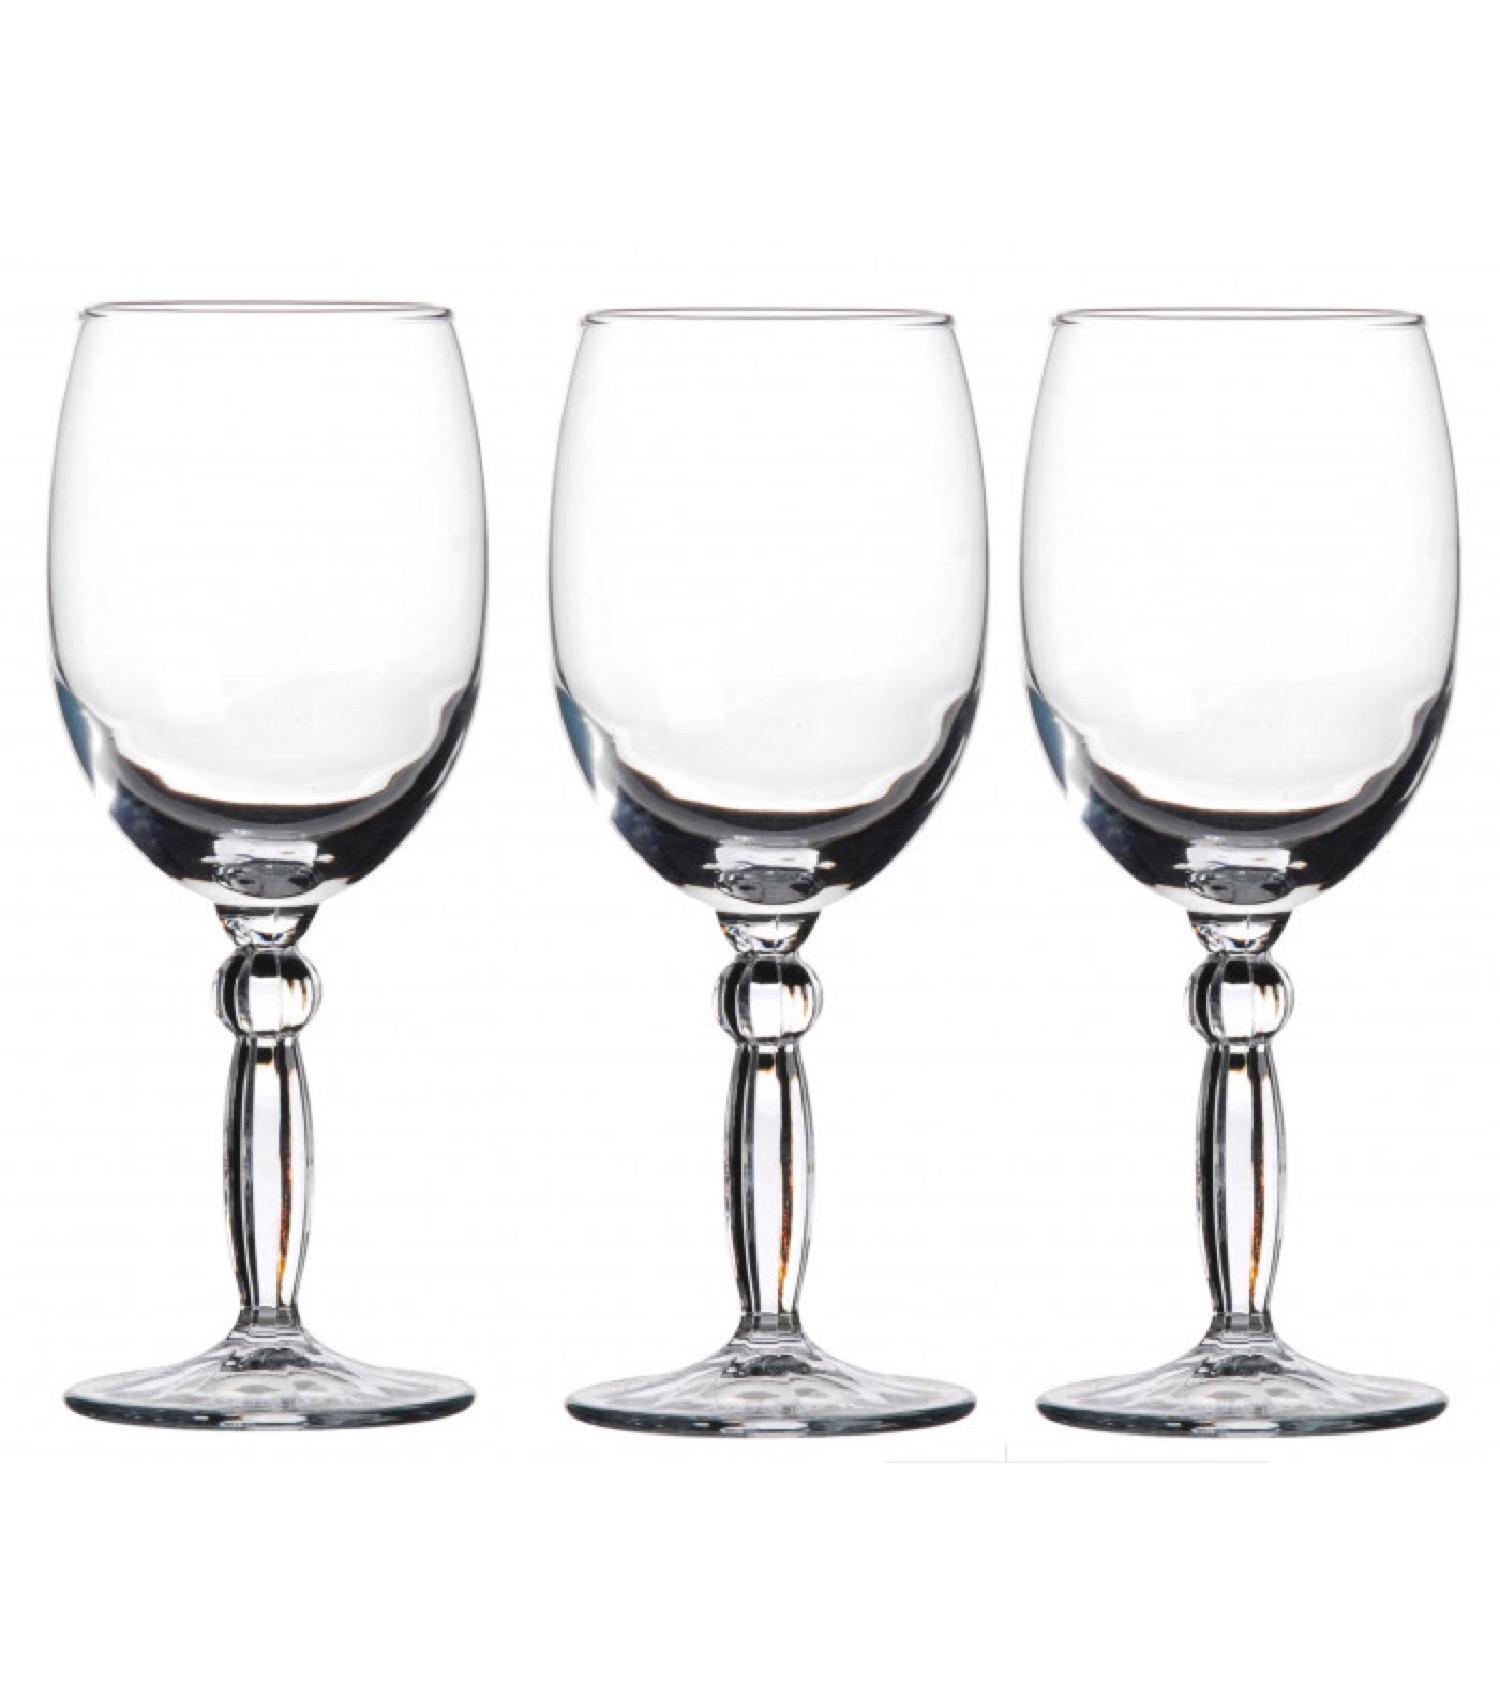 Verres à vin sur pieds en verre transparent 21cl - Lot de 3